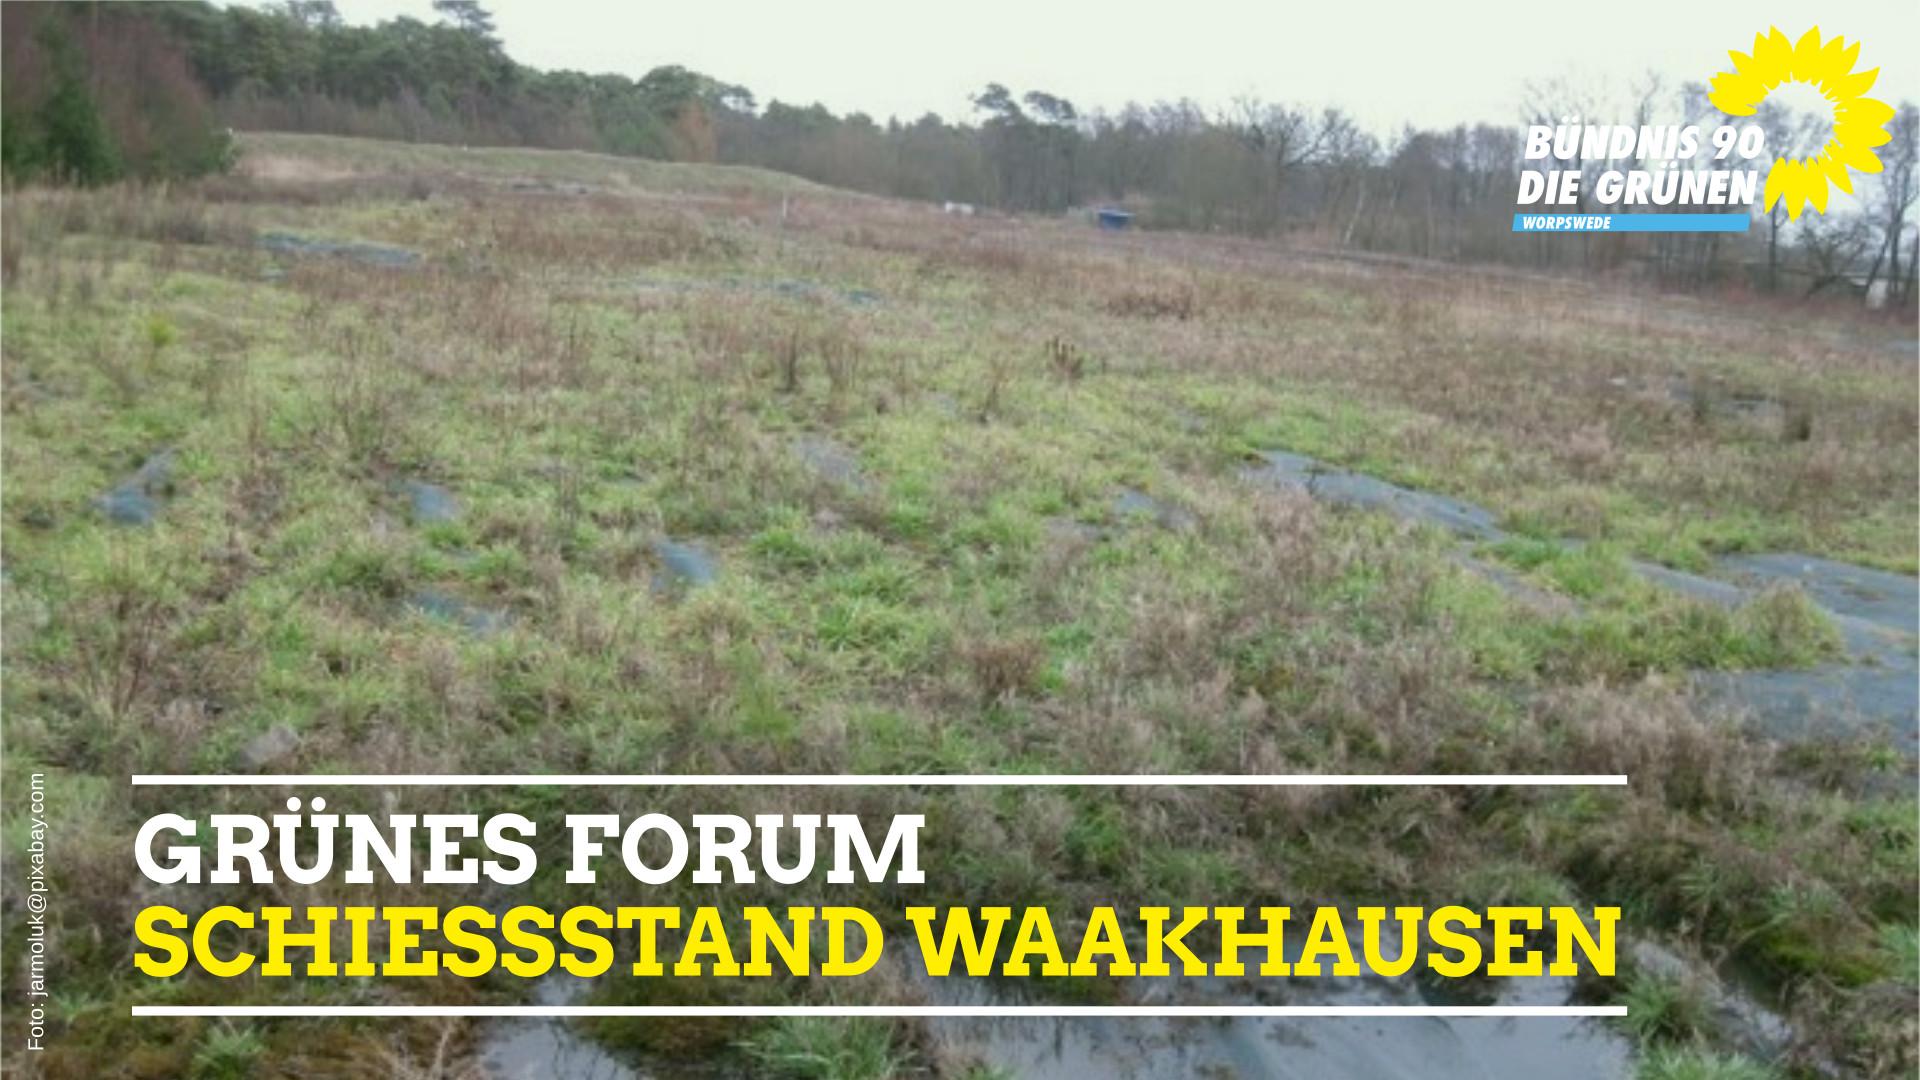 Grünes Forum: Schiessstand Waakhausen